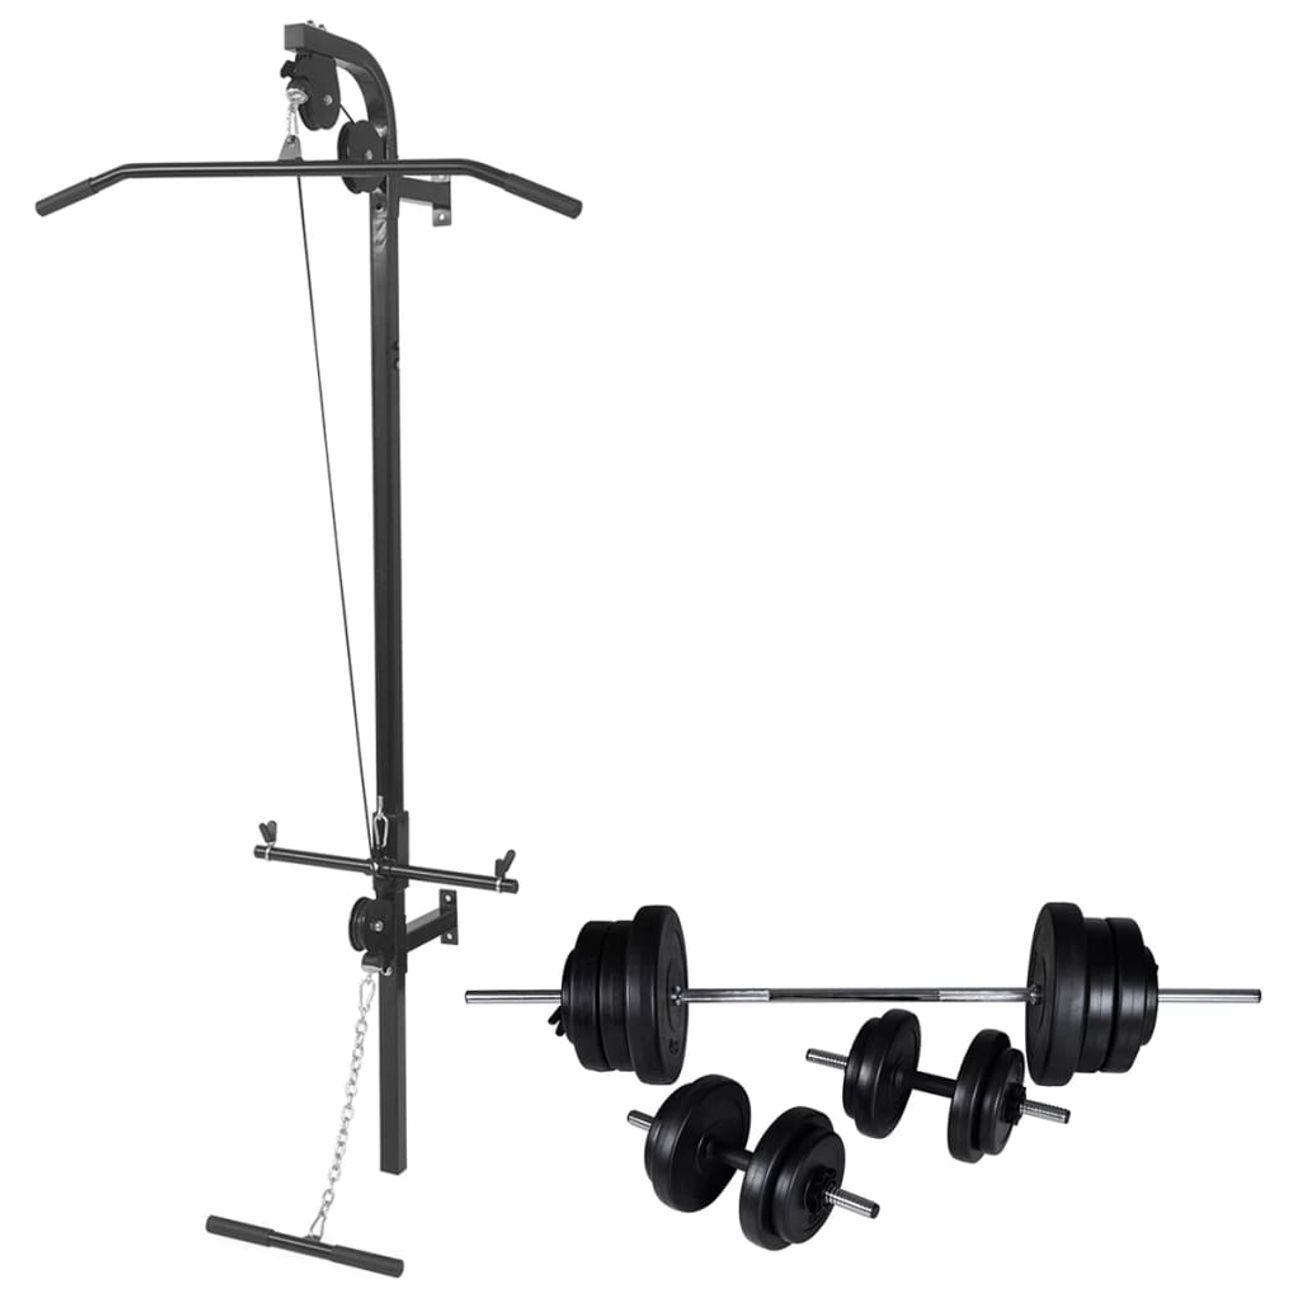 GENERIQUE Icaverne - Machines d'haltérophilie et supports pour barres ligne Tour de musculation murale avec jeu d'haltères et poids 60,5 kg